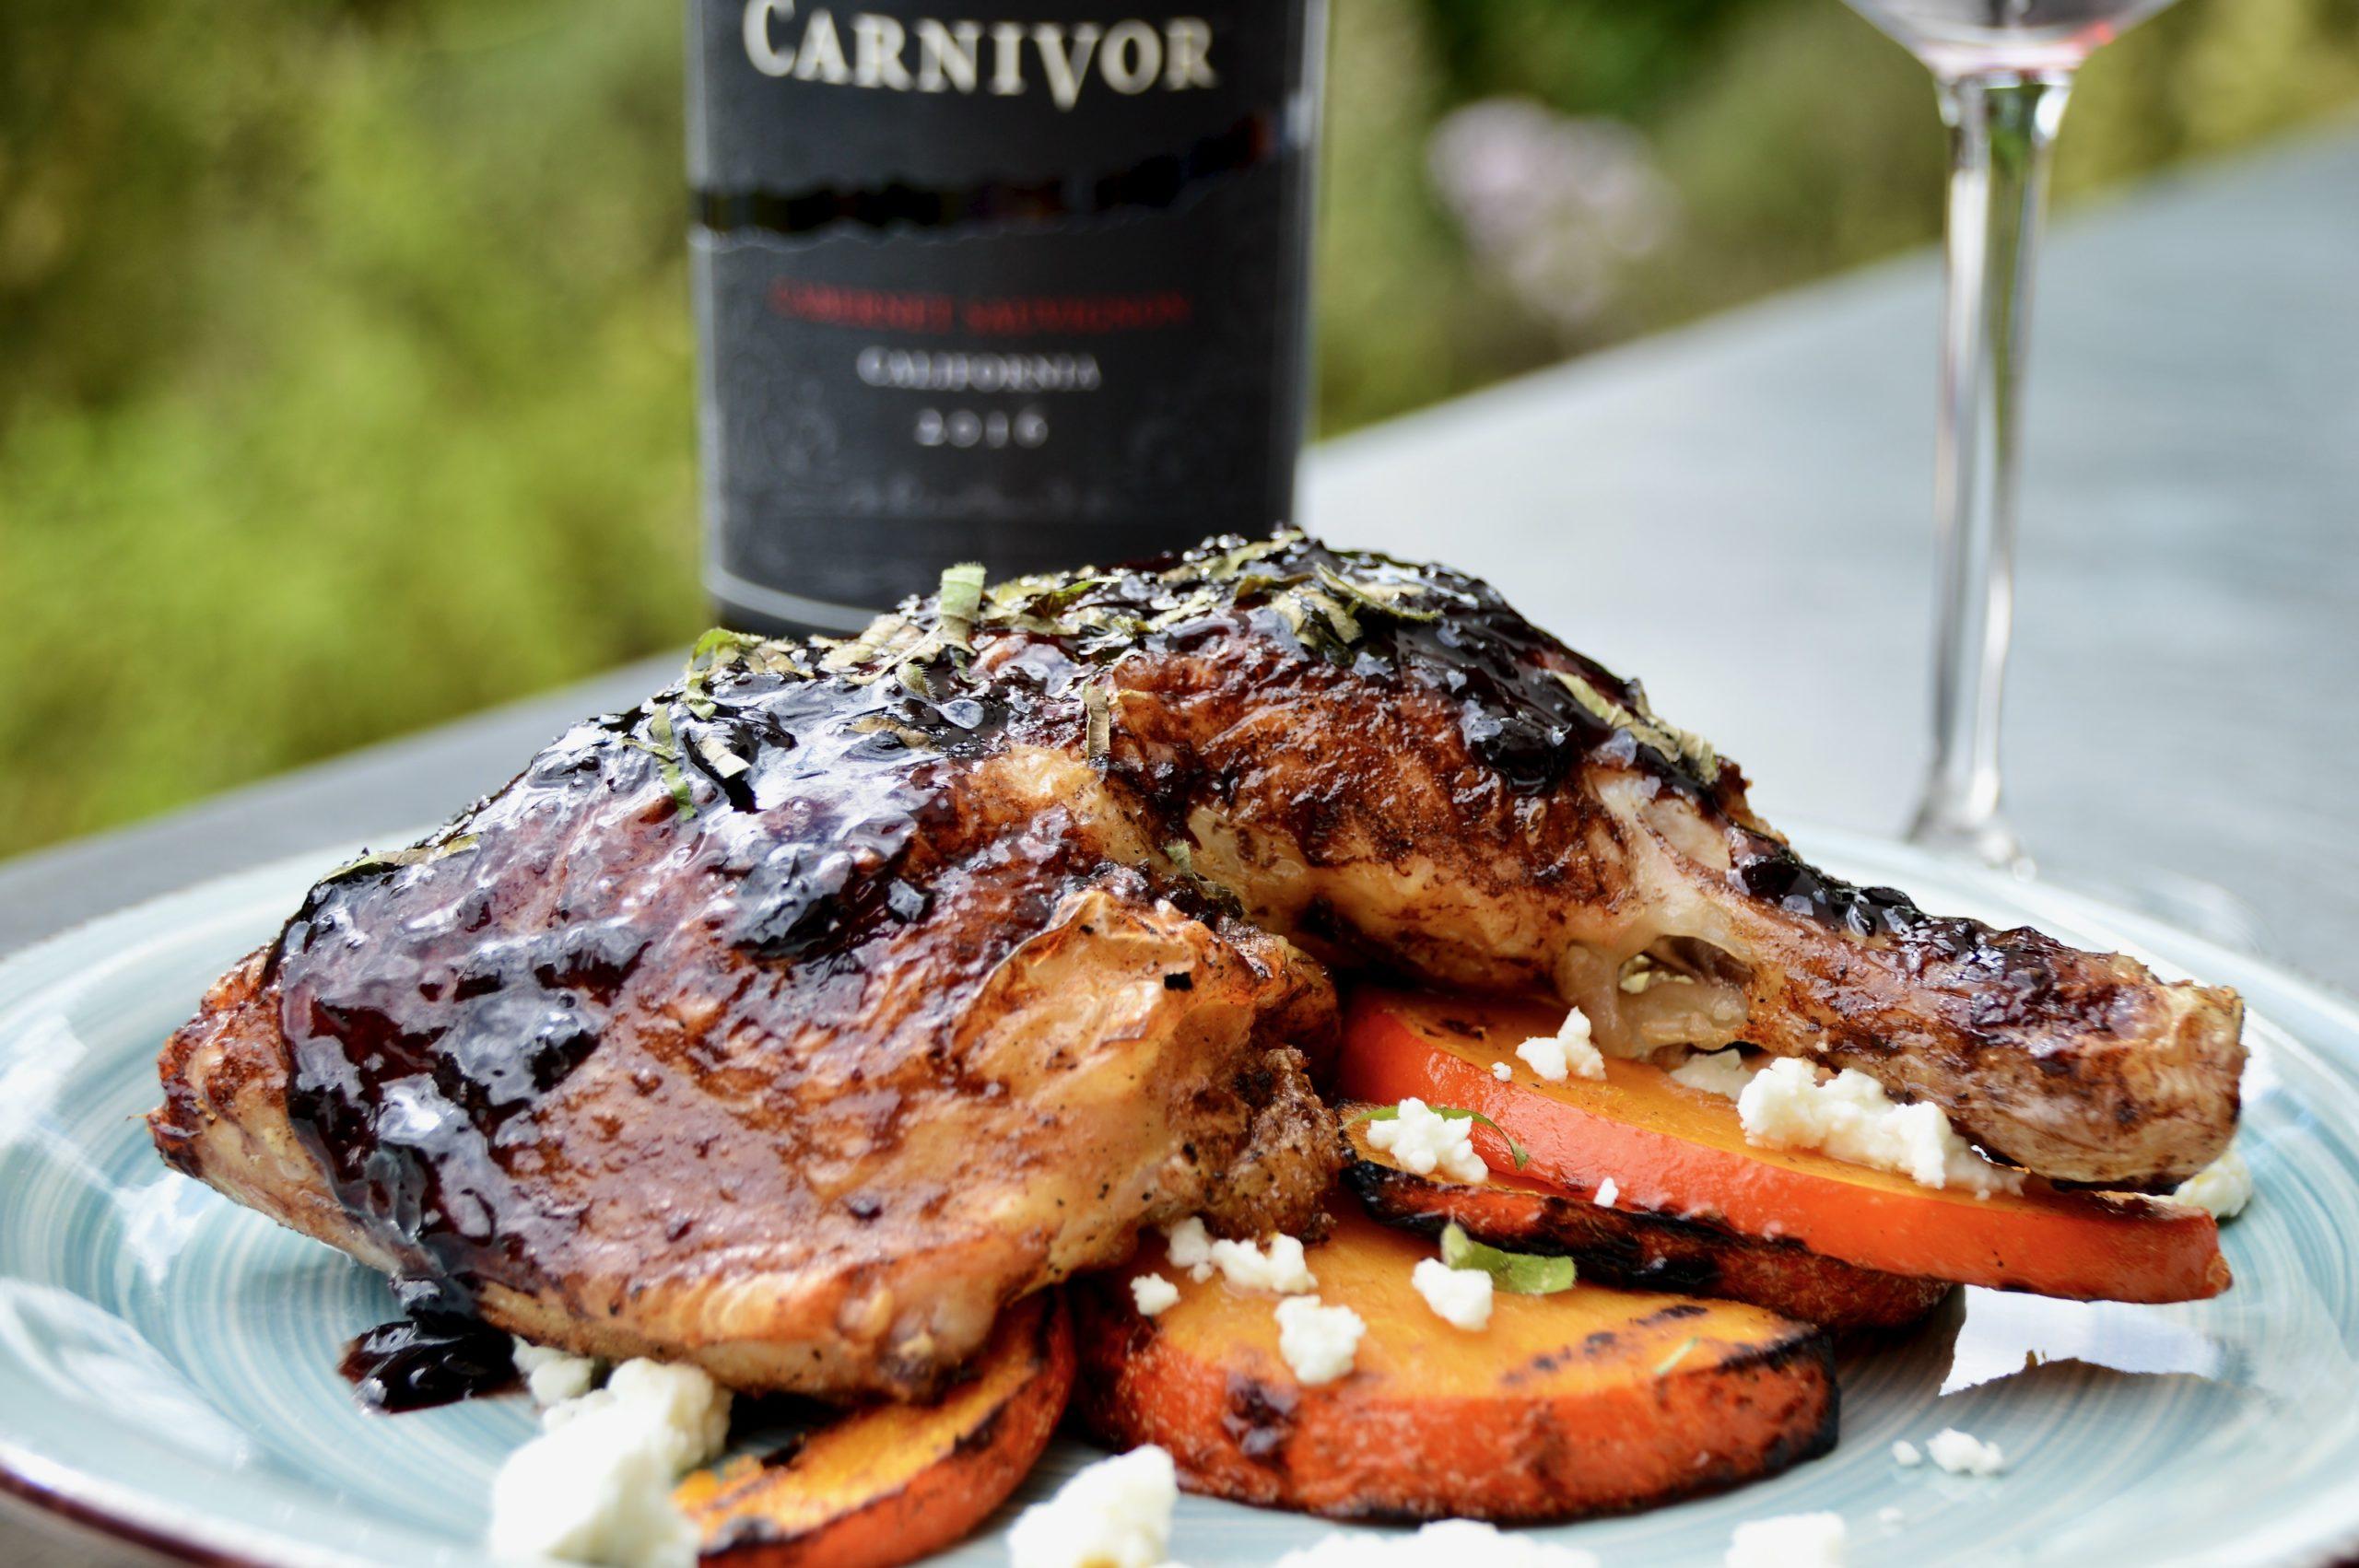 Gegrillte Hähnchenschenkel mit Carnivor-Rotwein-Sauce auf gegrilltem Kürbis